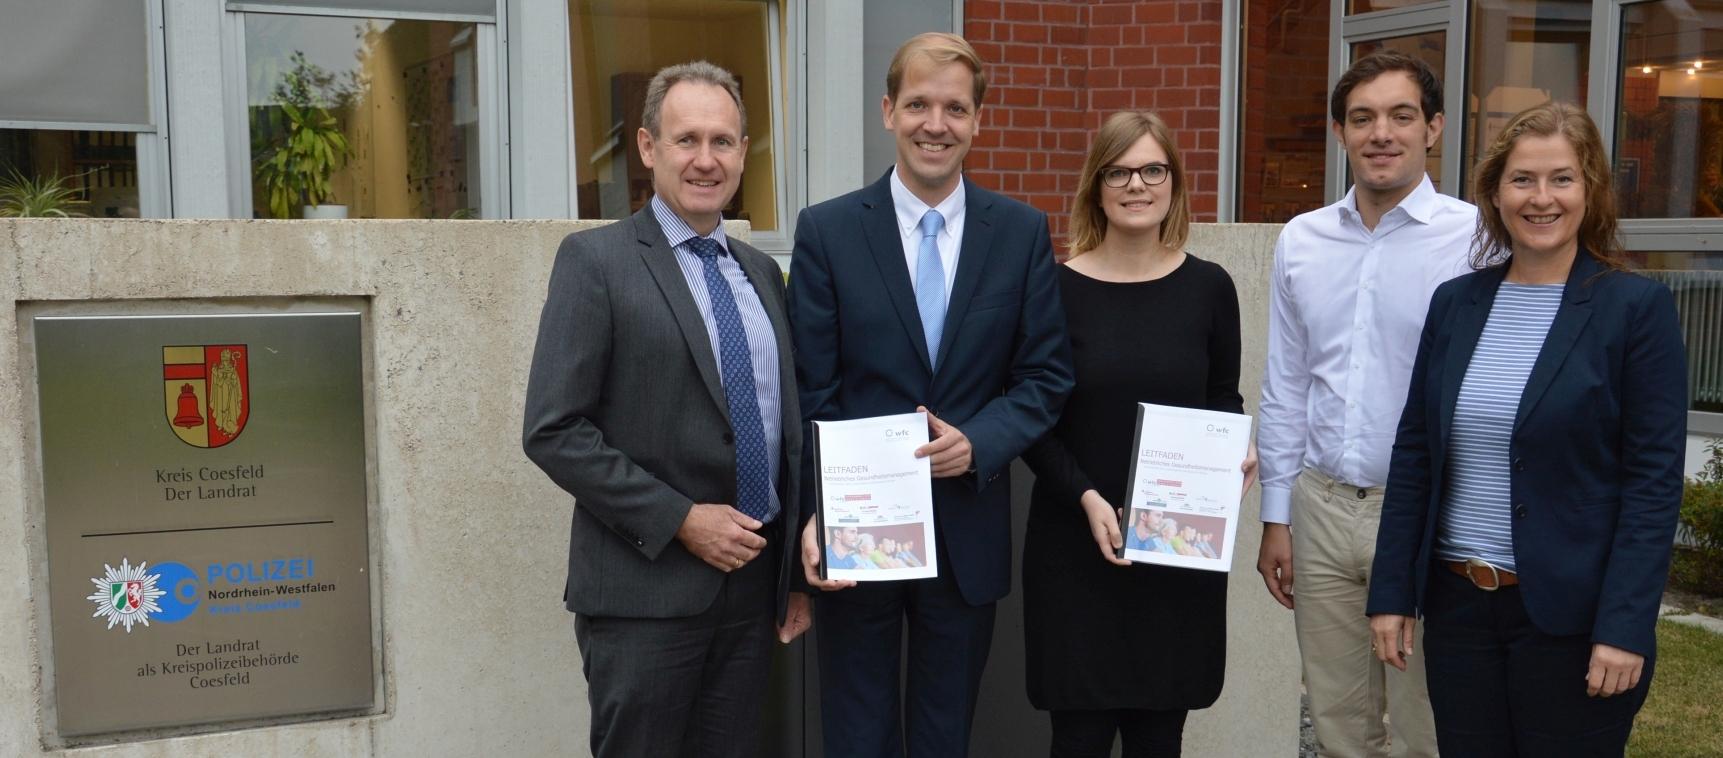 wfc, Fachhochschule Münster und Landrat Schulze Pellengahr stellen Leitfaden zum betrieblichen Gesundheitsmanagement vor